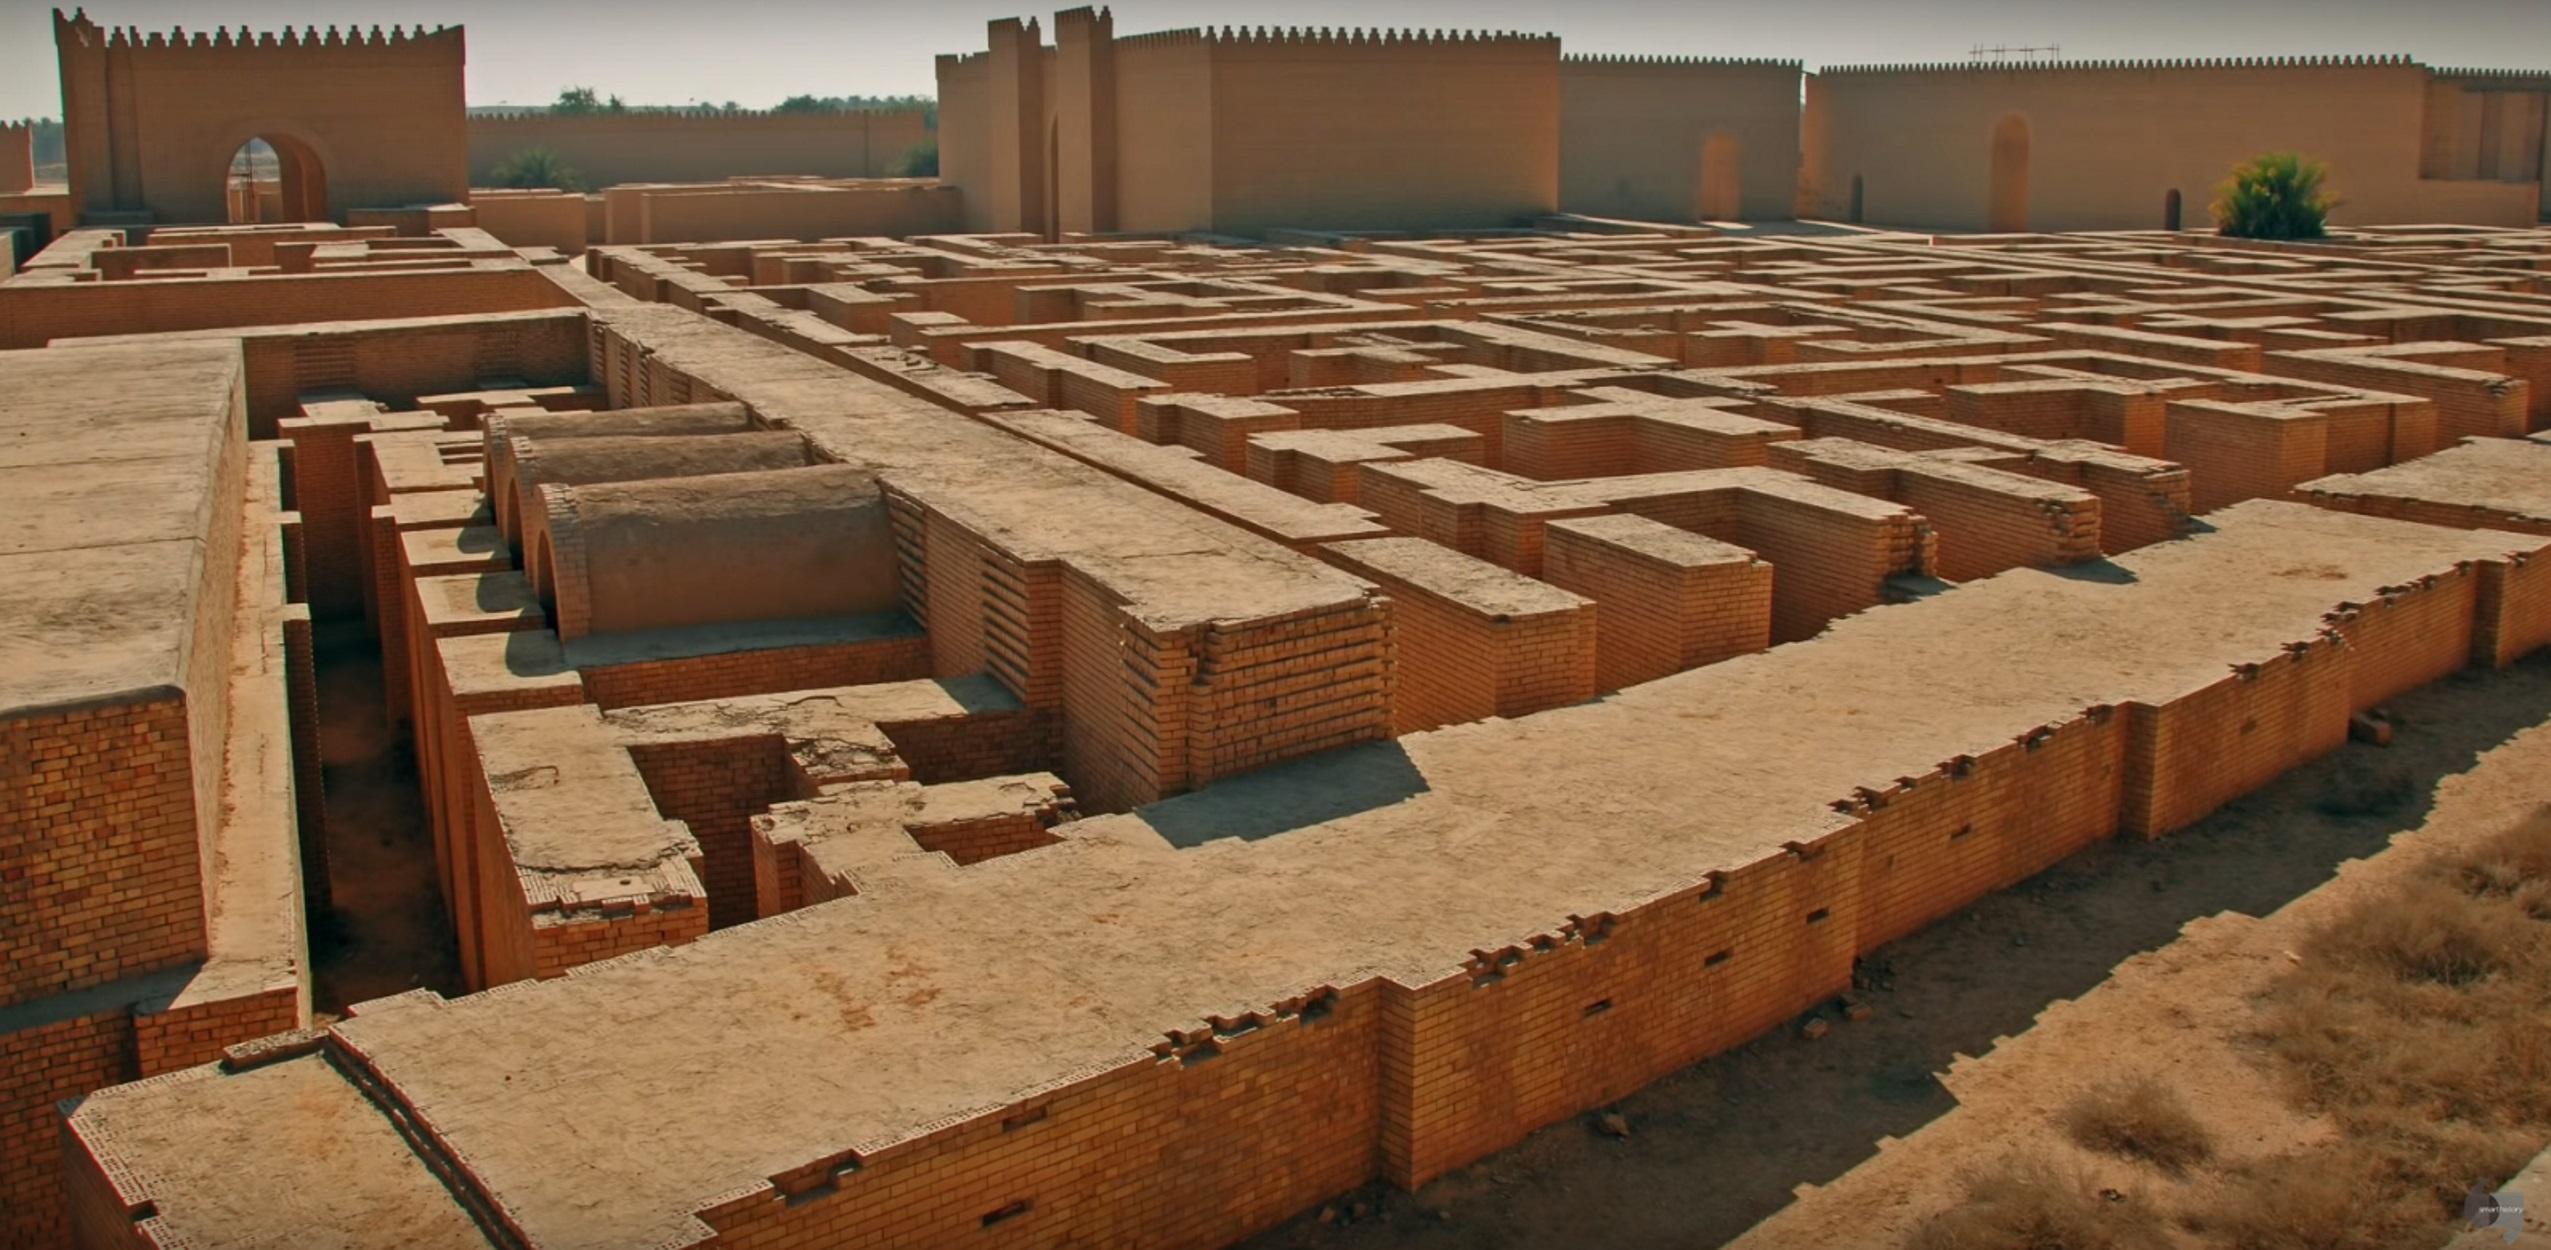 Γλίτωσε από τους τζιχαντιστές και έγινε μνημείο της UNESCO! [pics, video]